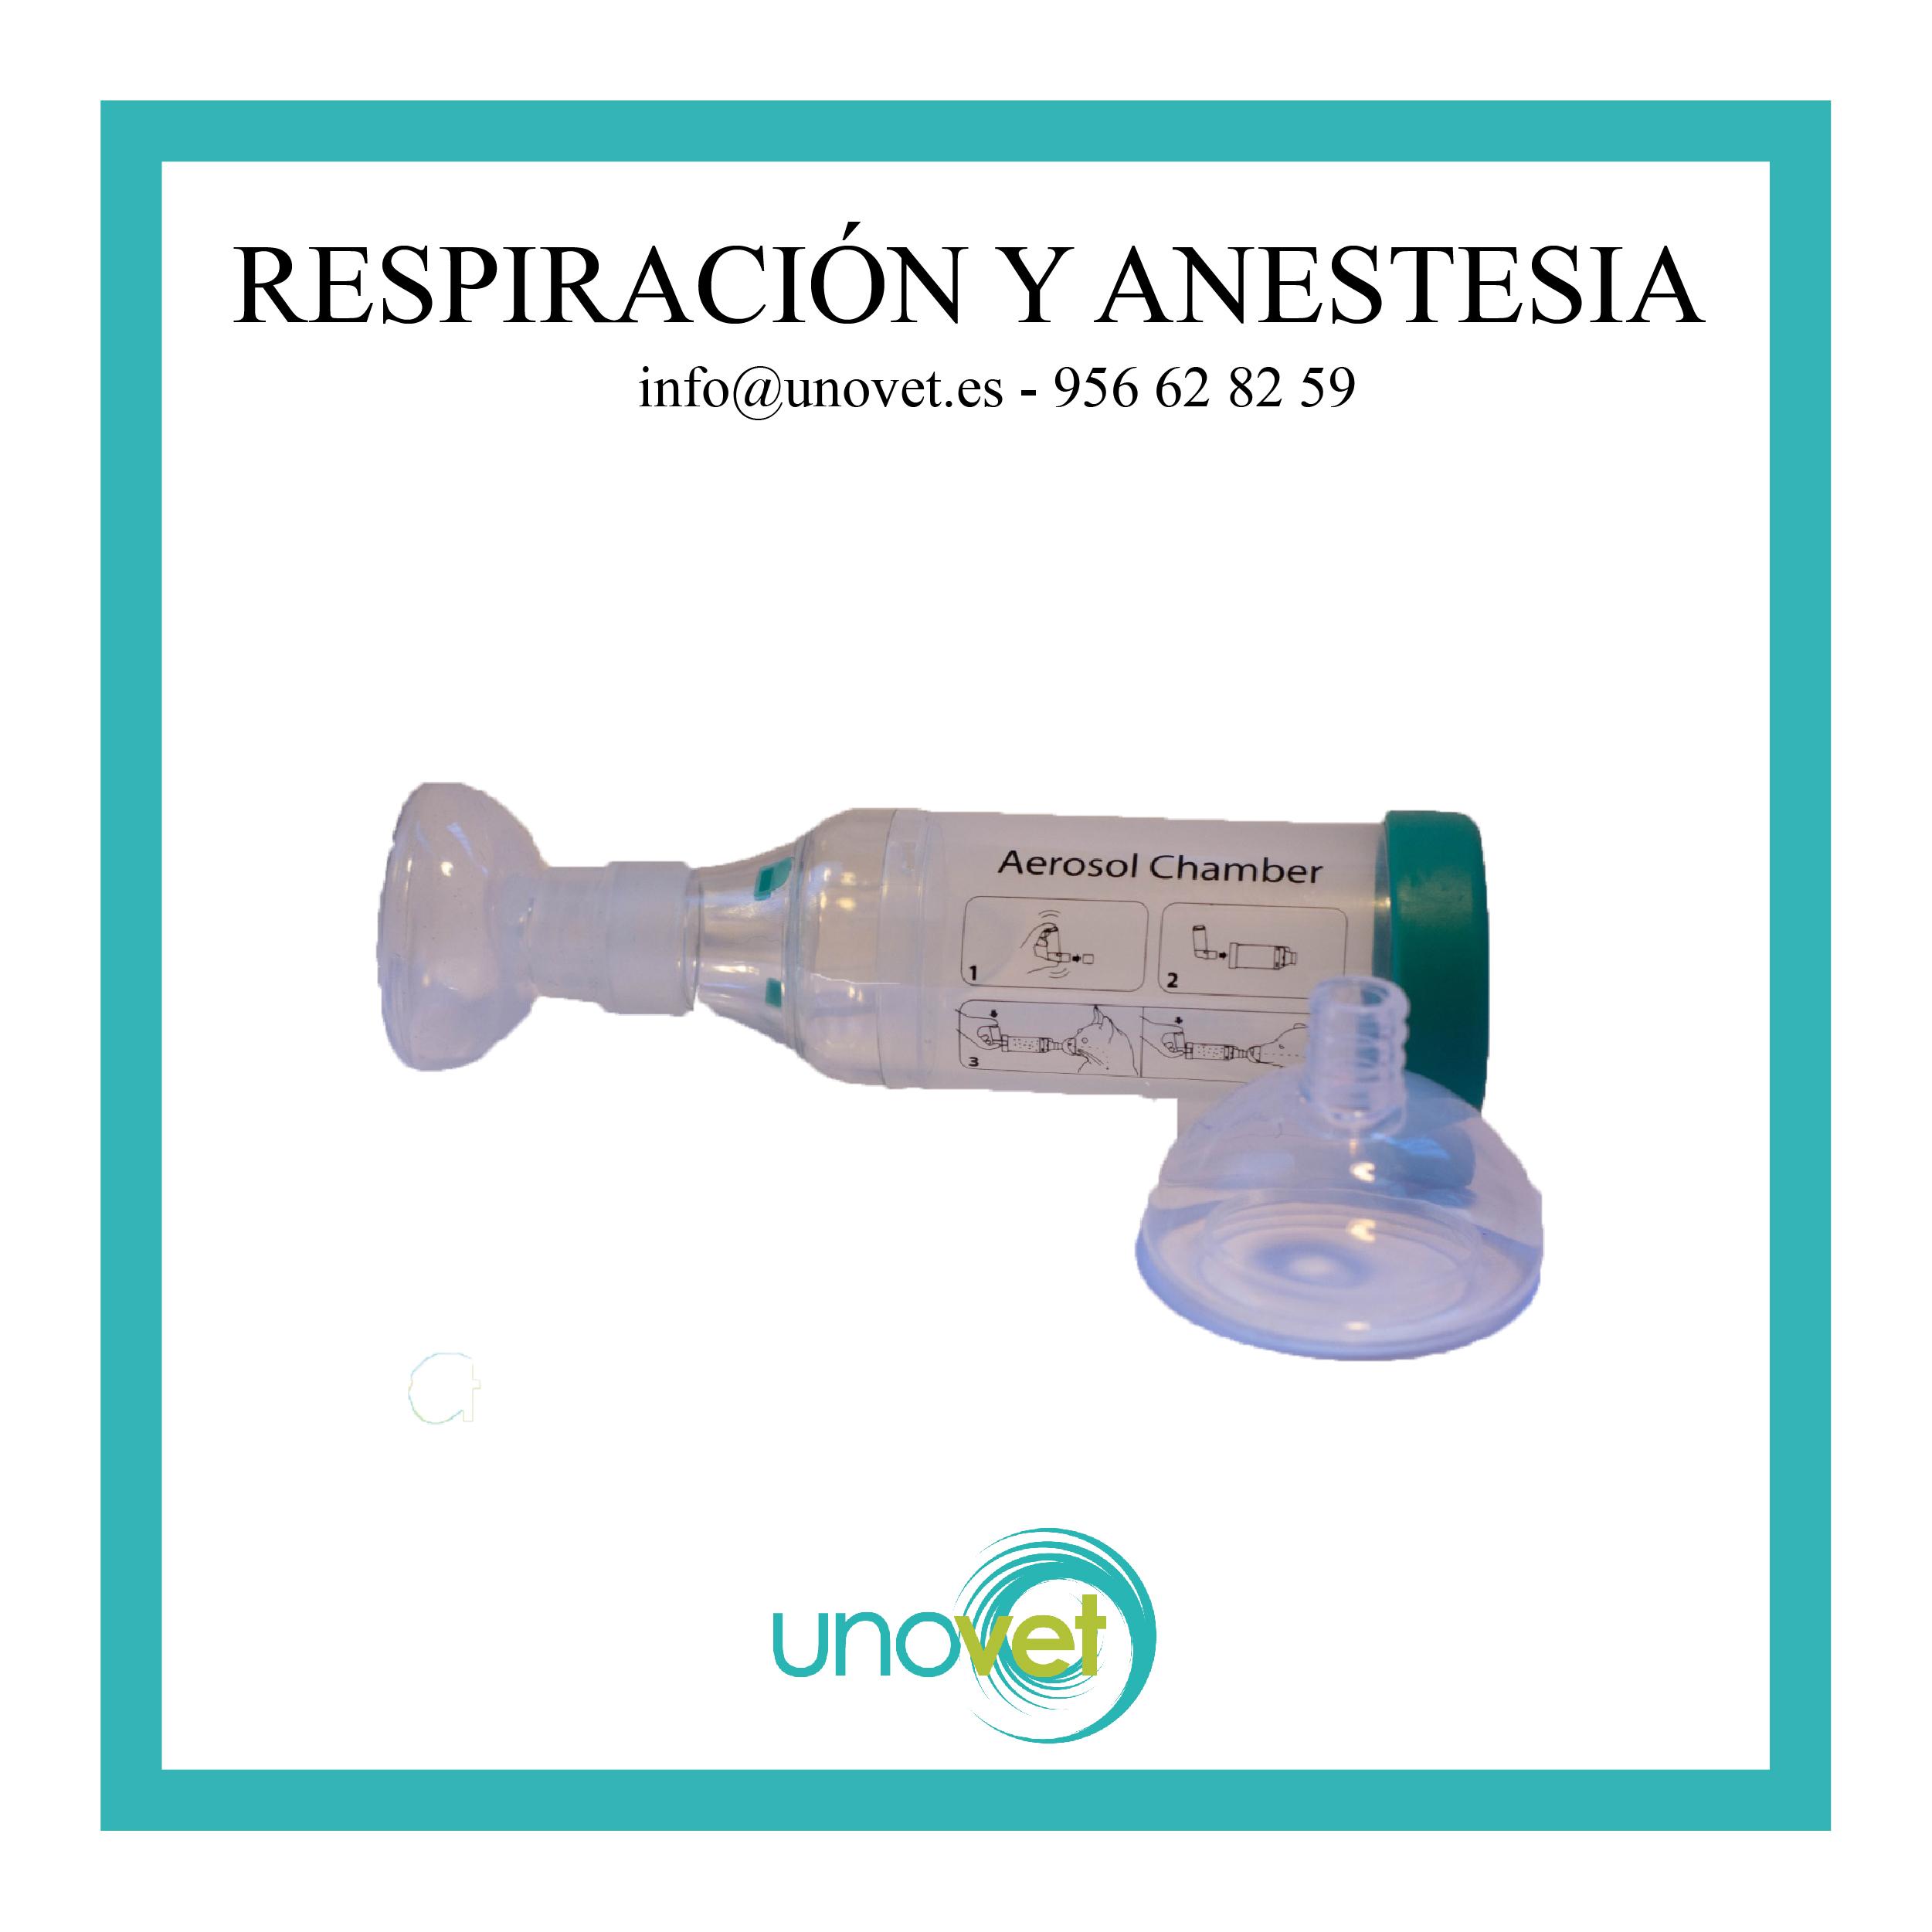 Catálogo respiración y anestesia